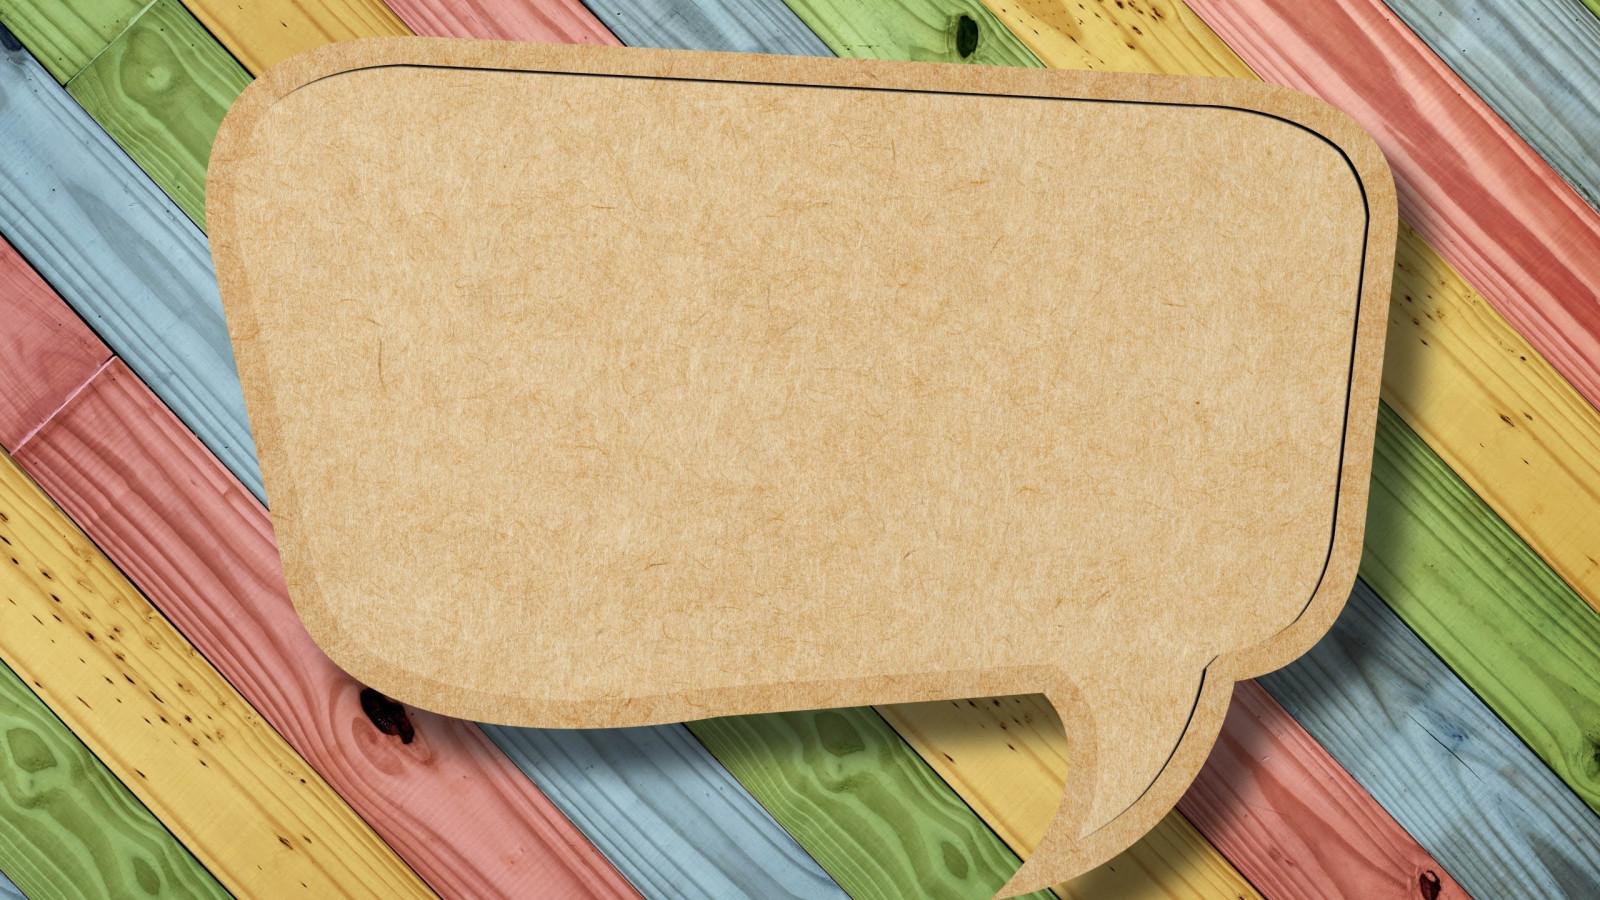 デスクトップ壁紙 木材 緑 黄 段ボール アート 色 材料 ストリップ 繊維 床材 対話 2560x1440 Coolwallpapers デスクトップ壁紙 Wallhere